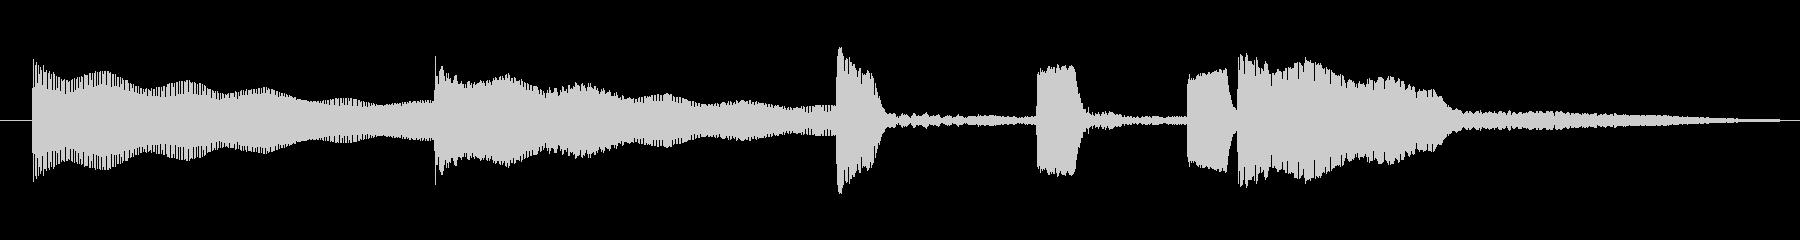 3秒のコミカルなビブラフォンサウンドロゴの未再生の波形